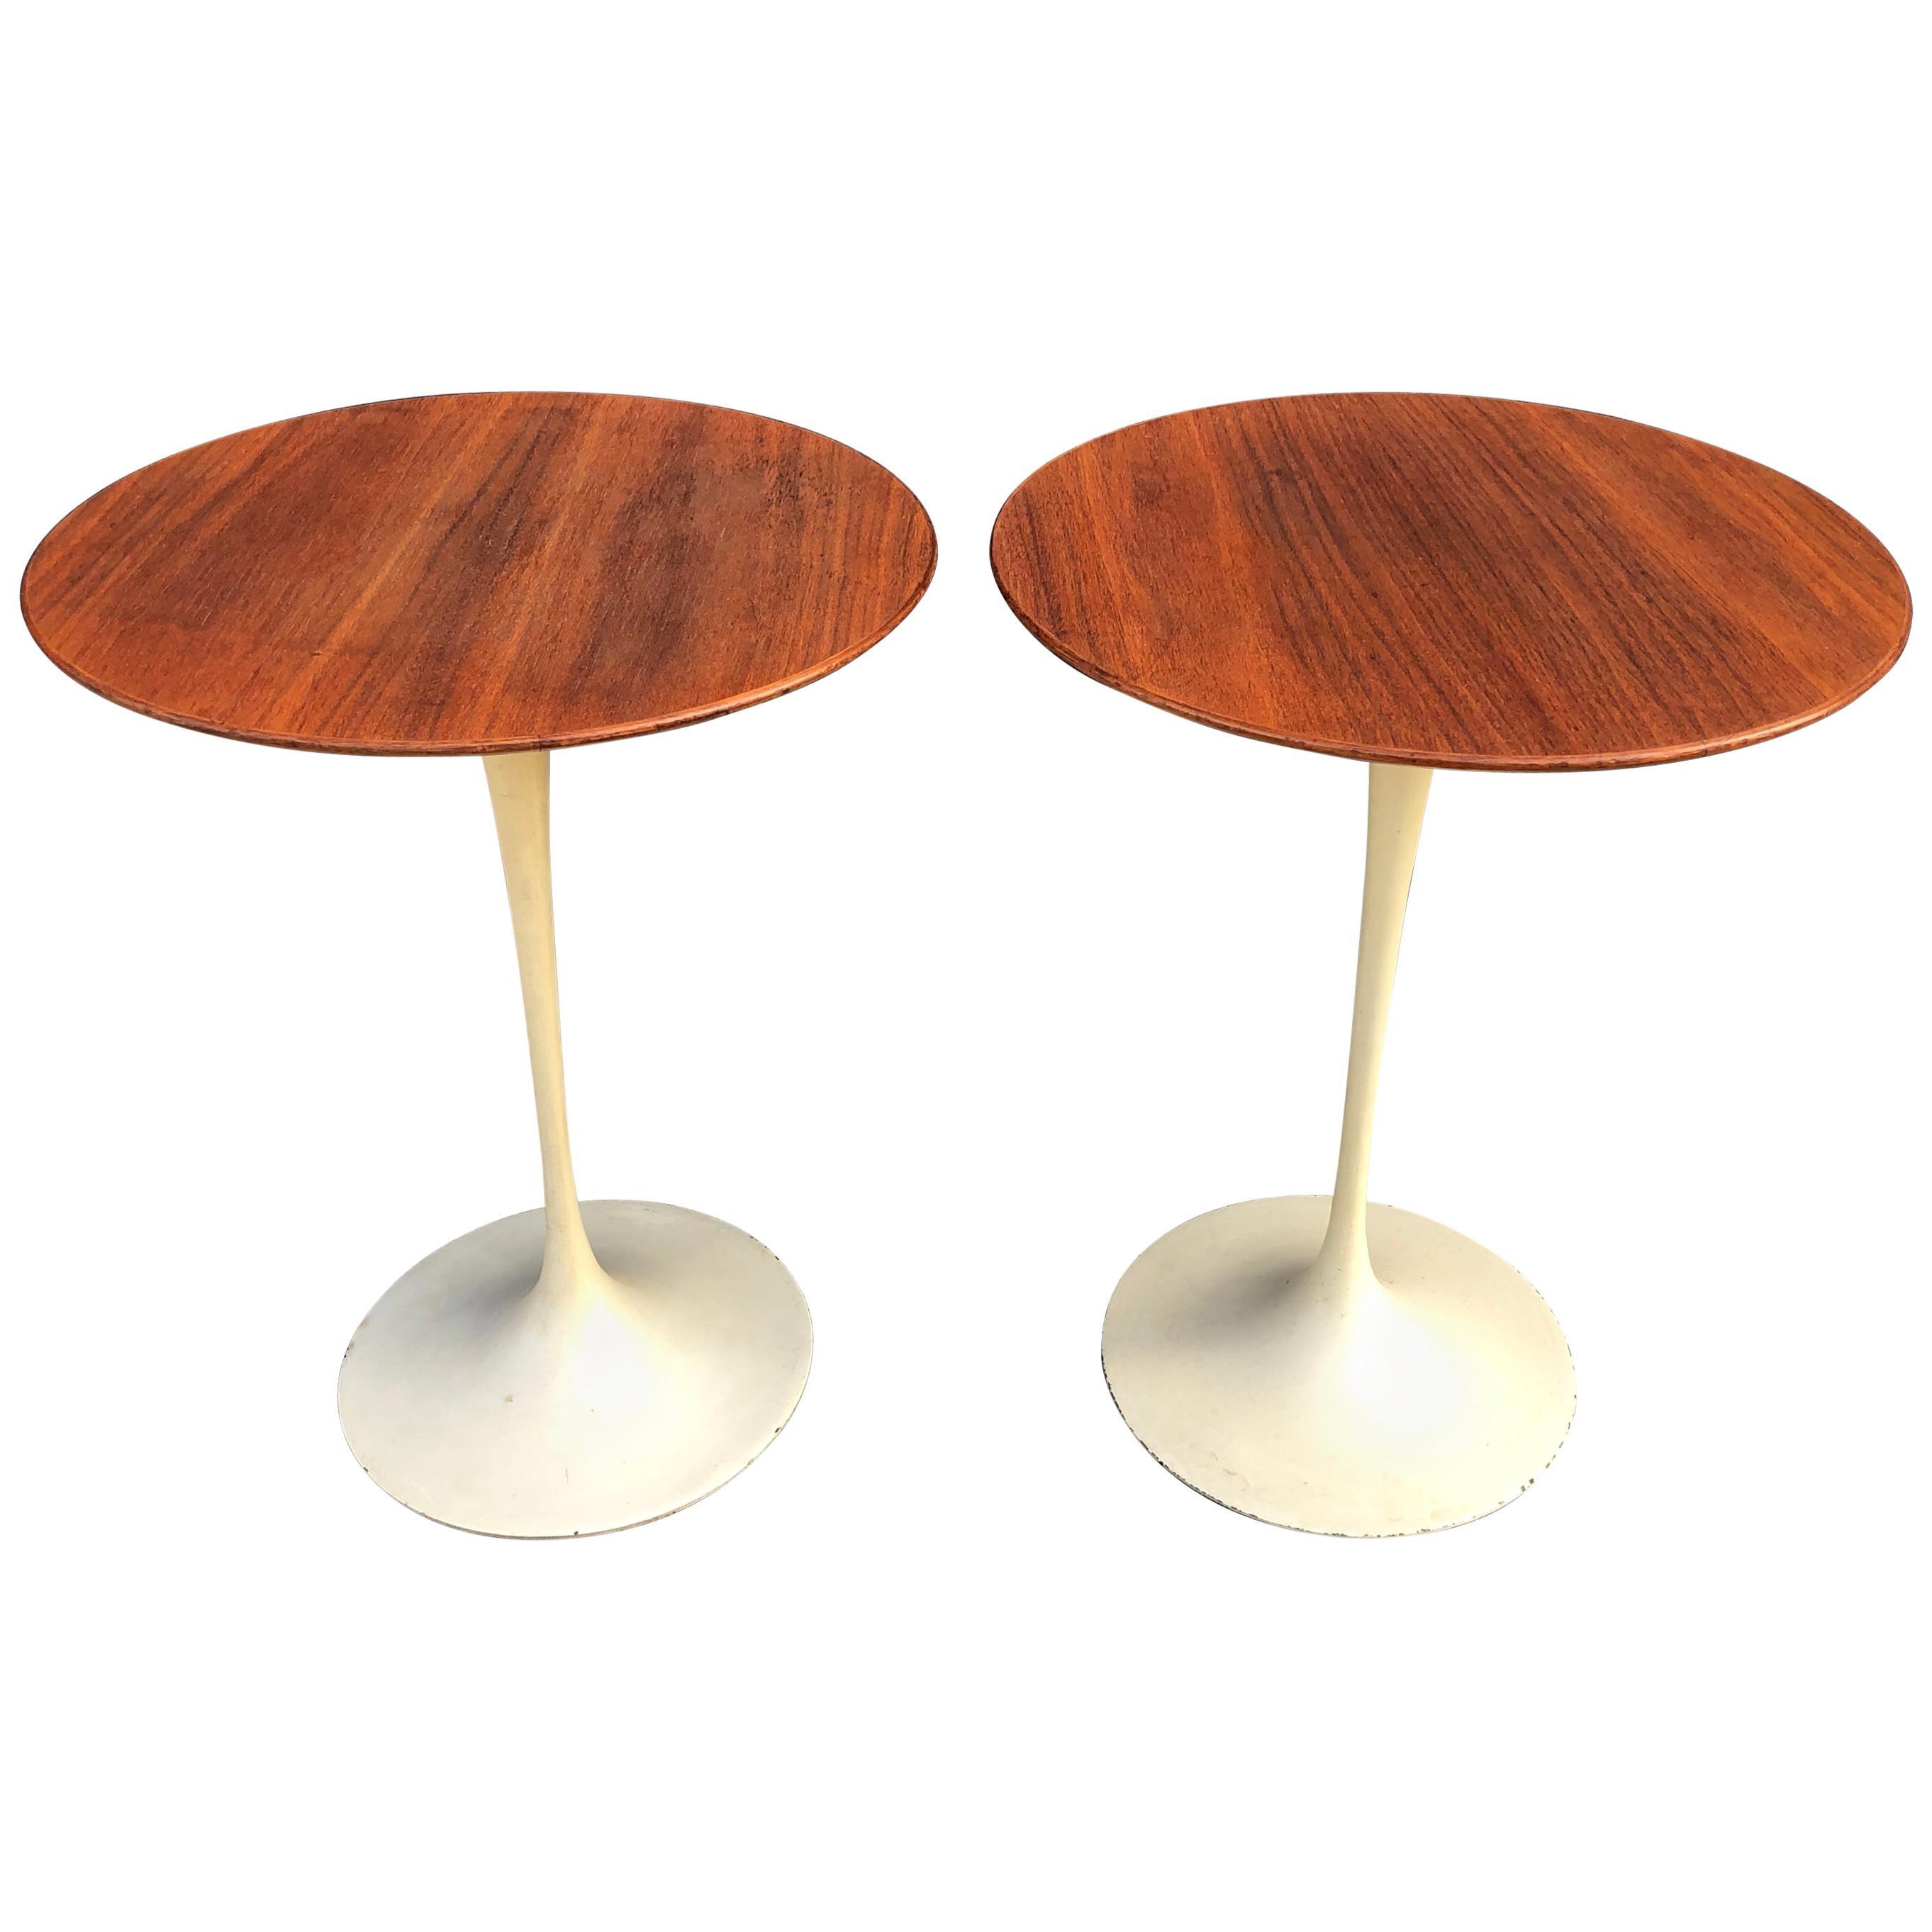 Exquisite Eero Saarinen for Knoll Tulip Side Tables in Walnut